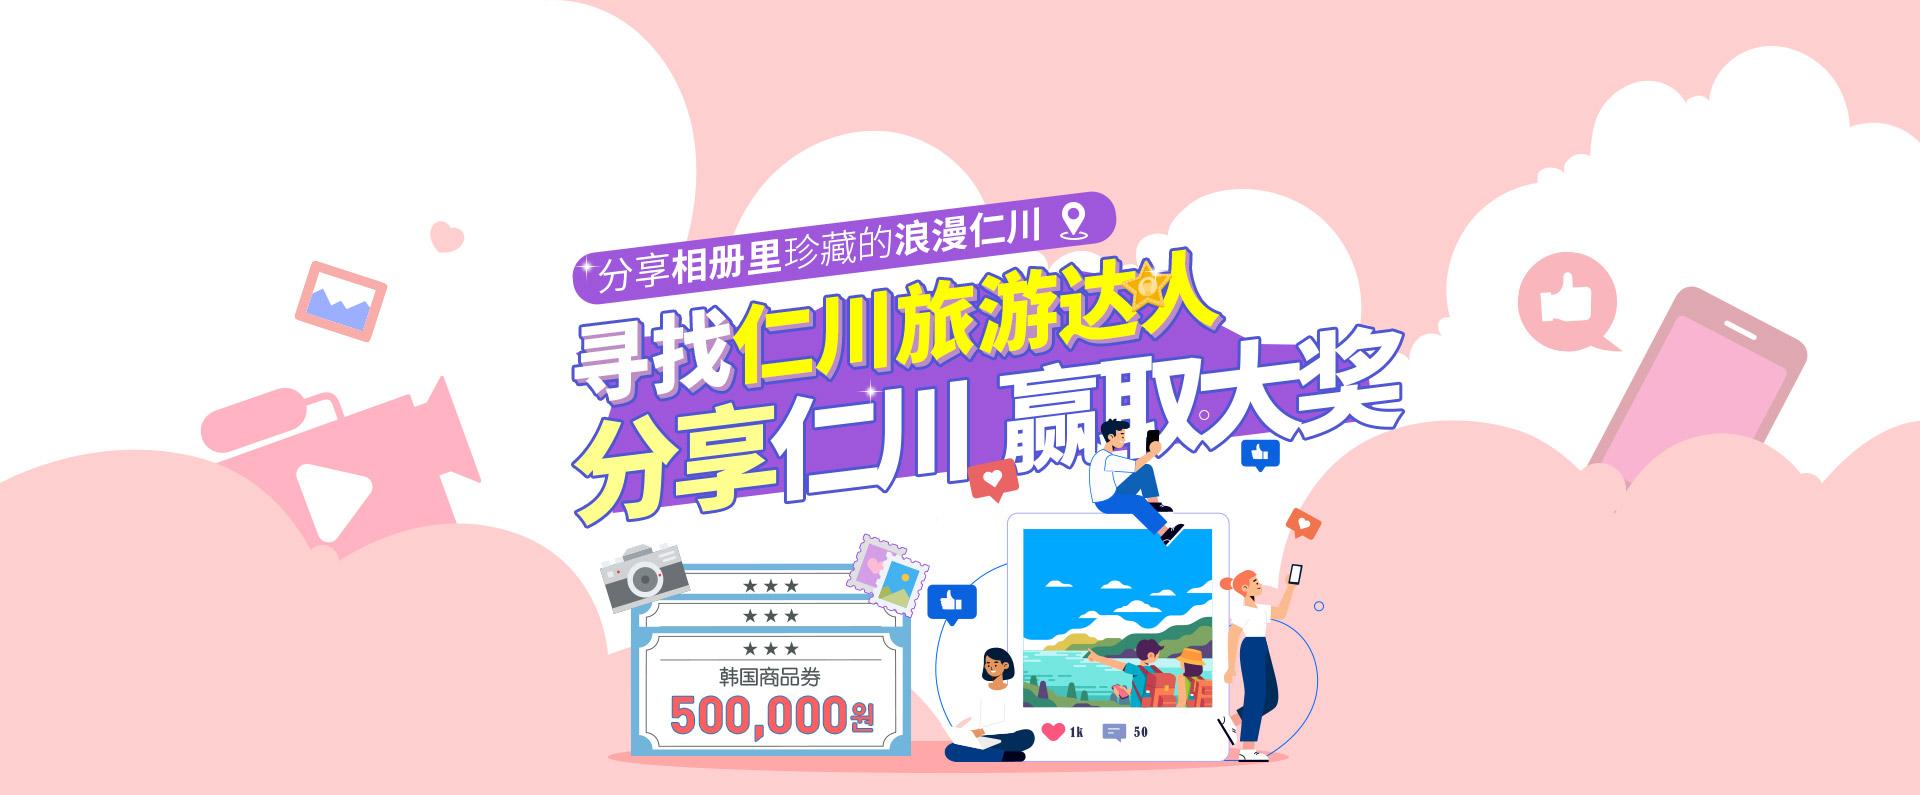 选拔仁川旅游达人,分享仁川赢取大奖